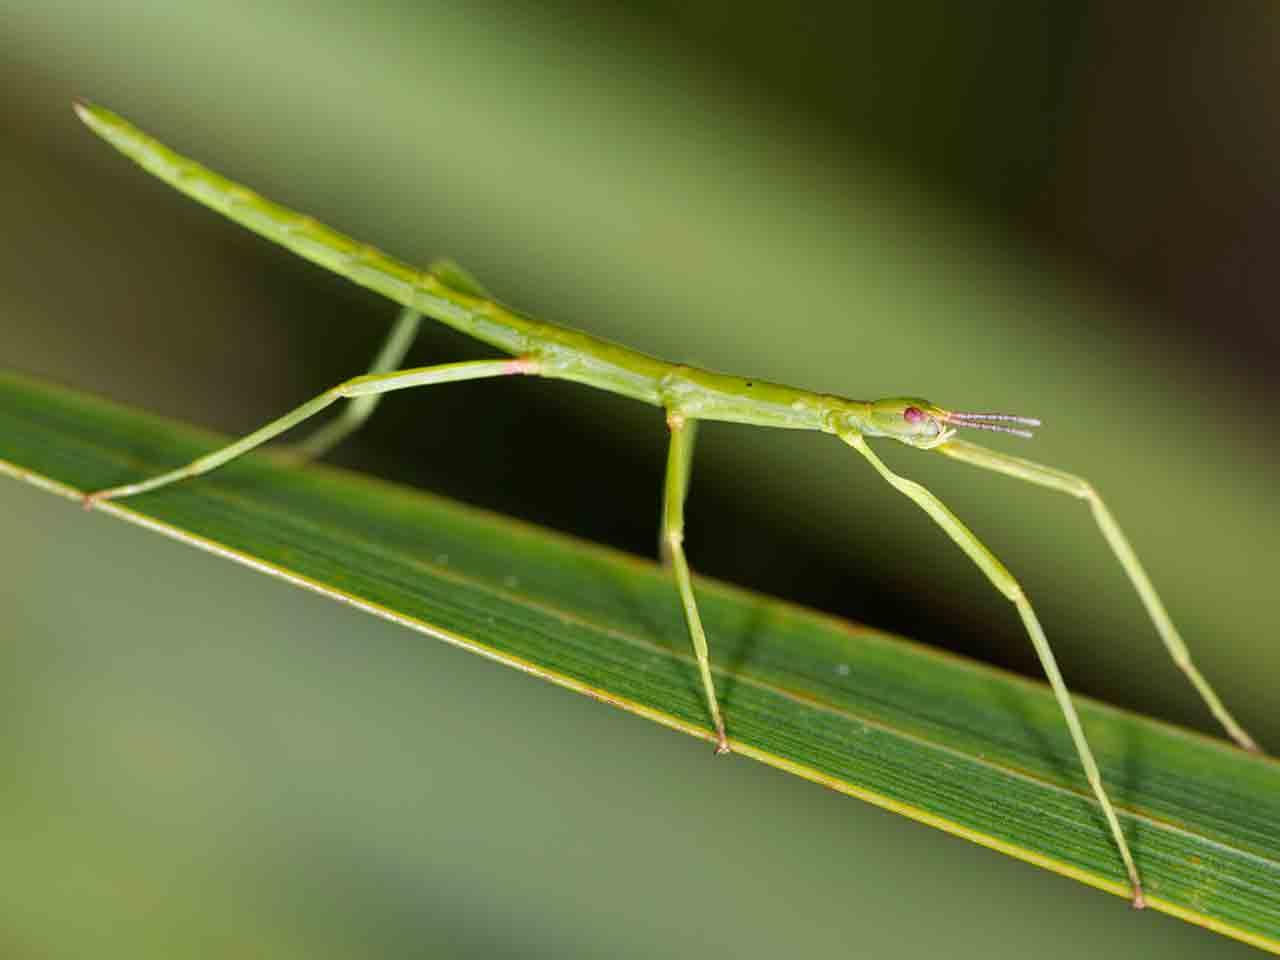 The Stick Insect Lifespan Life Cycle Common Varieties Saga